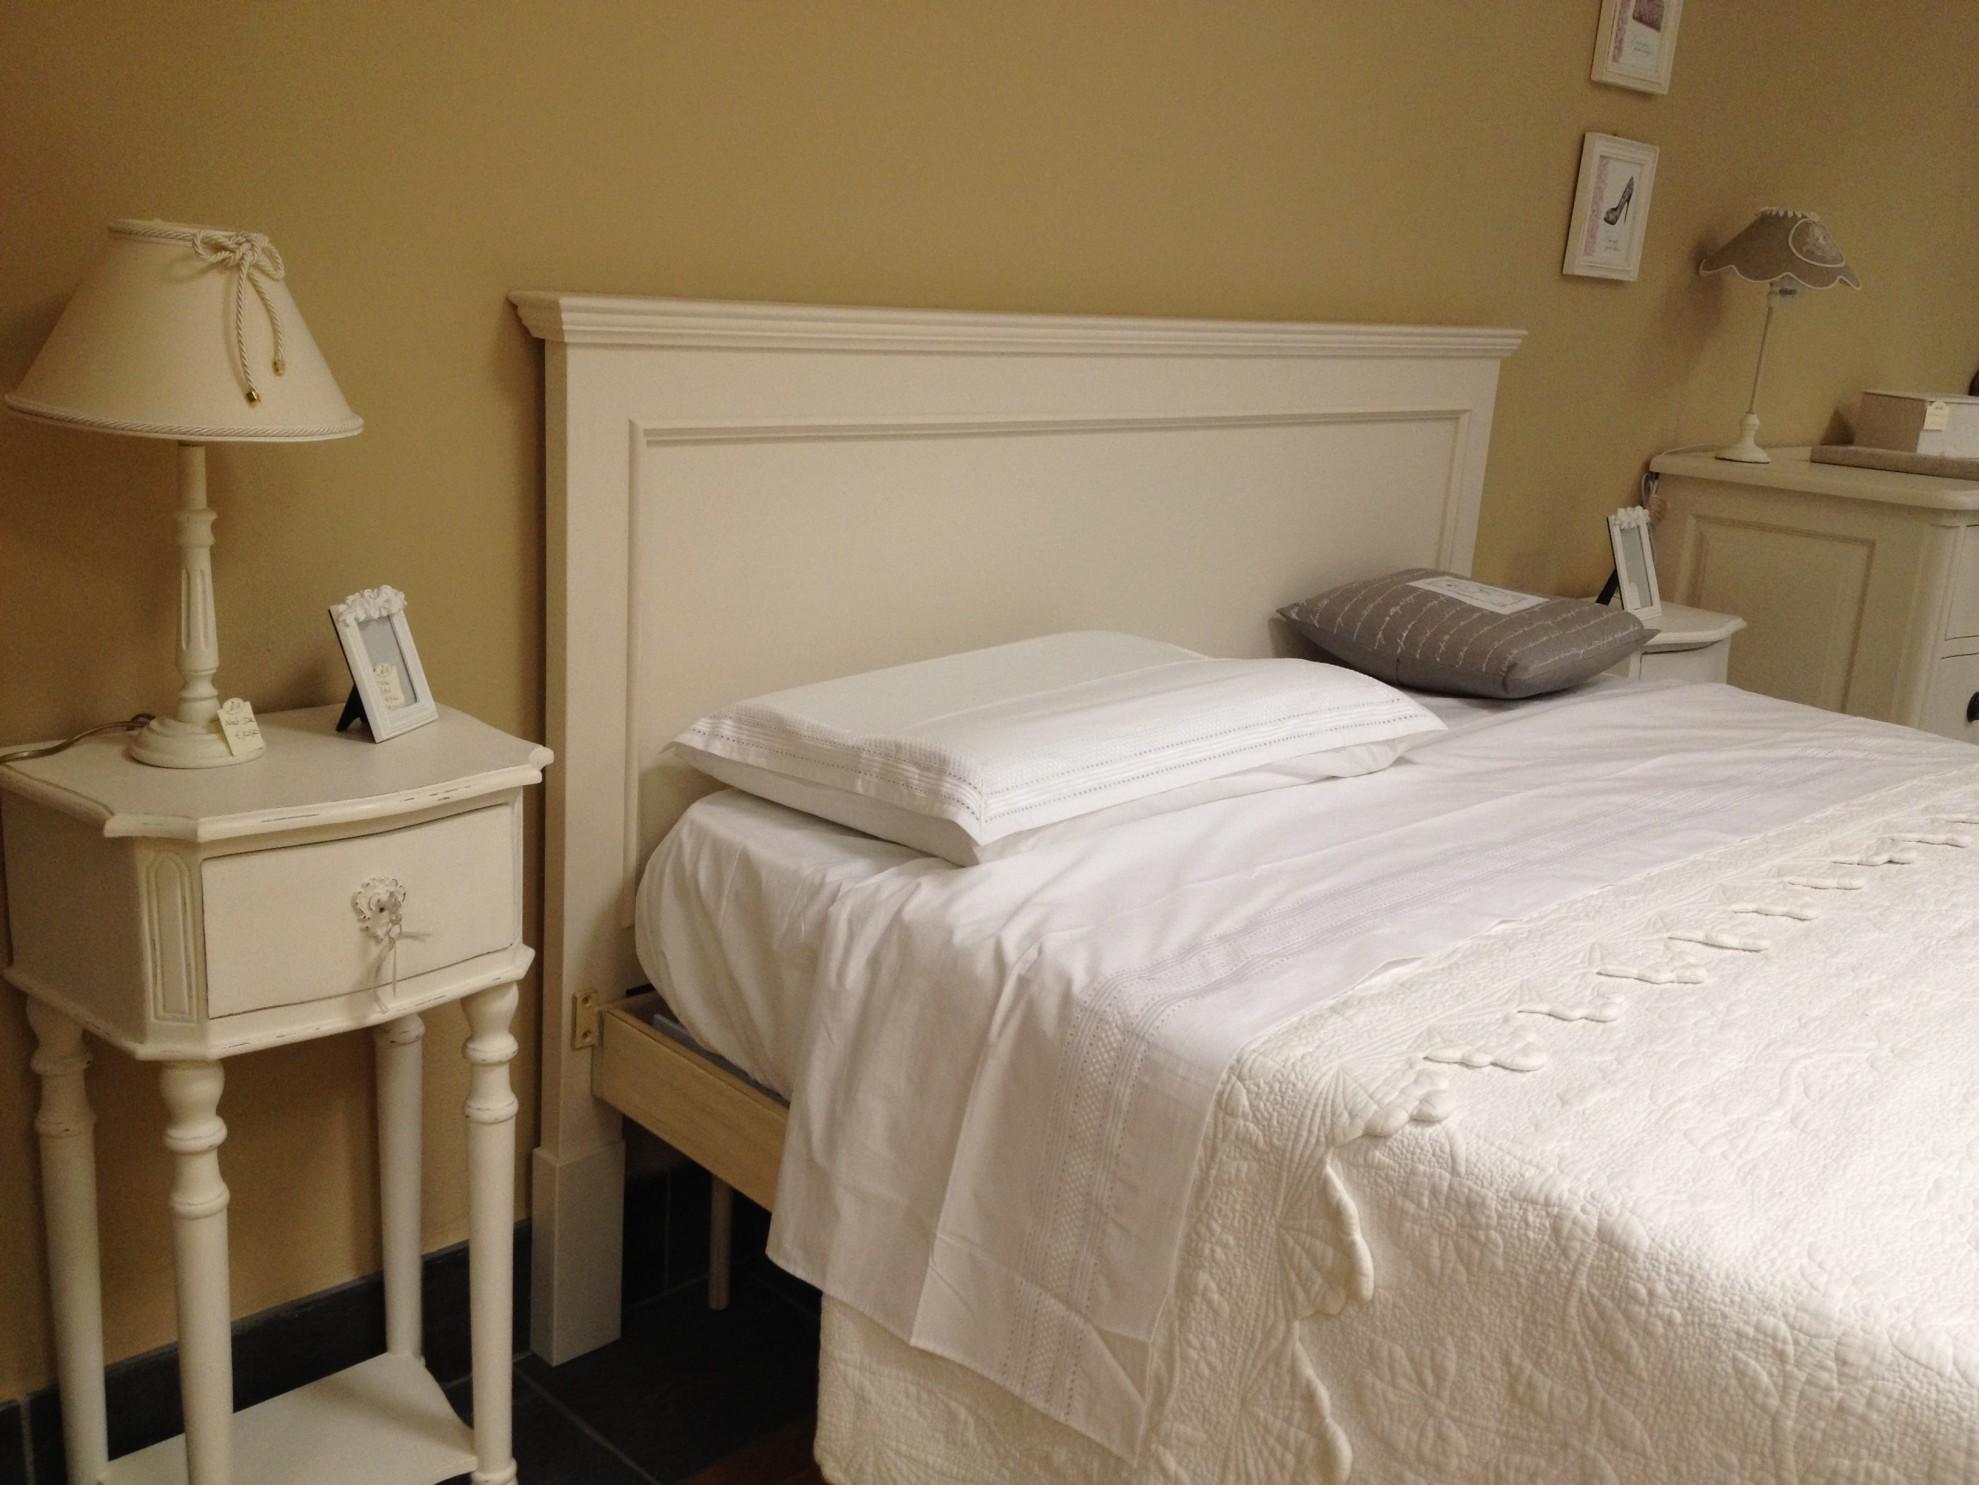 Testata Letto In Legno : Testata letto legno confronta prezzi e offerte e risparmia fino